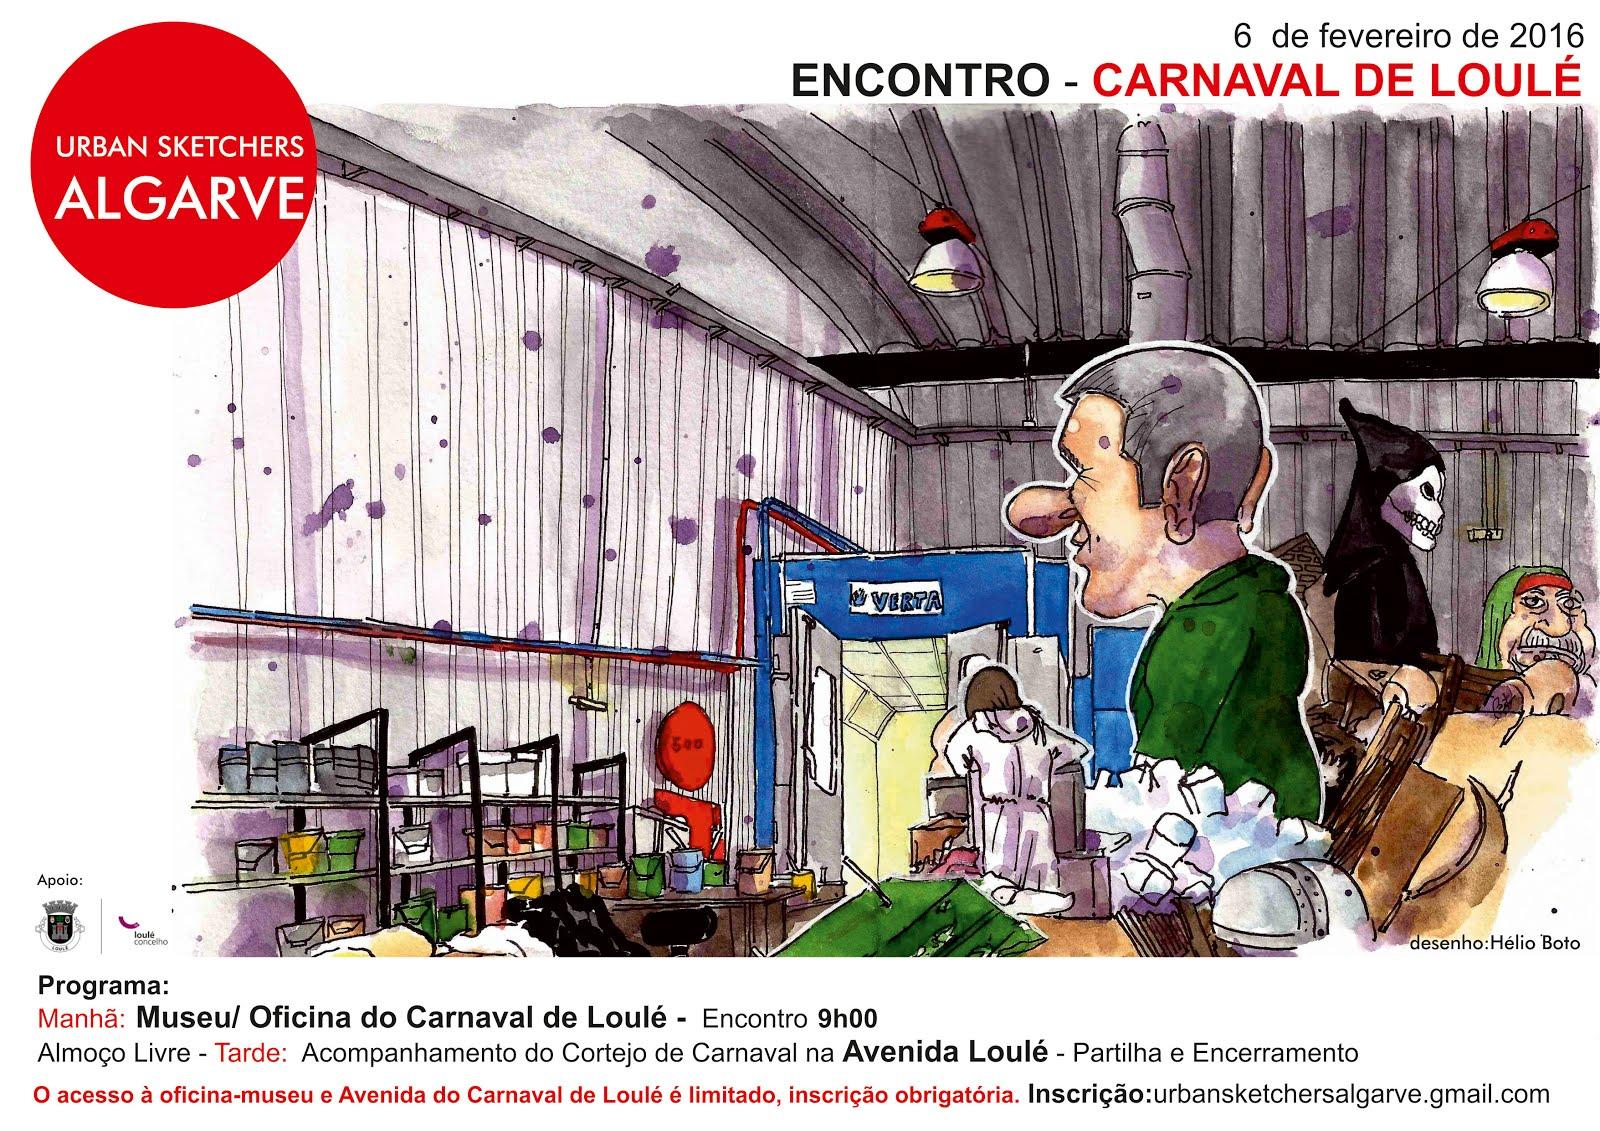 ENCONTRO USkP Algarve  - CARNAVAL DE LOULÉ